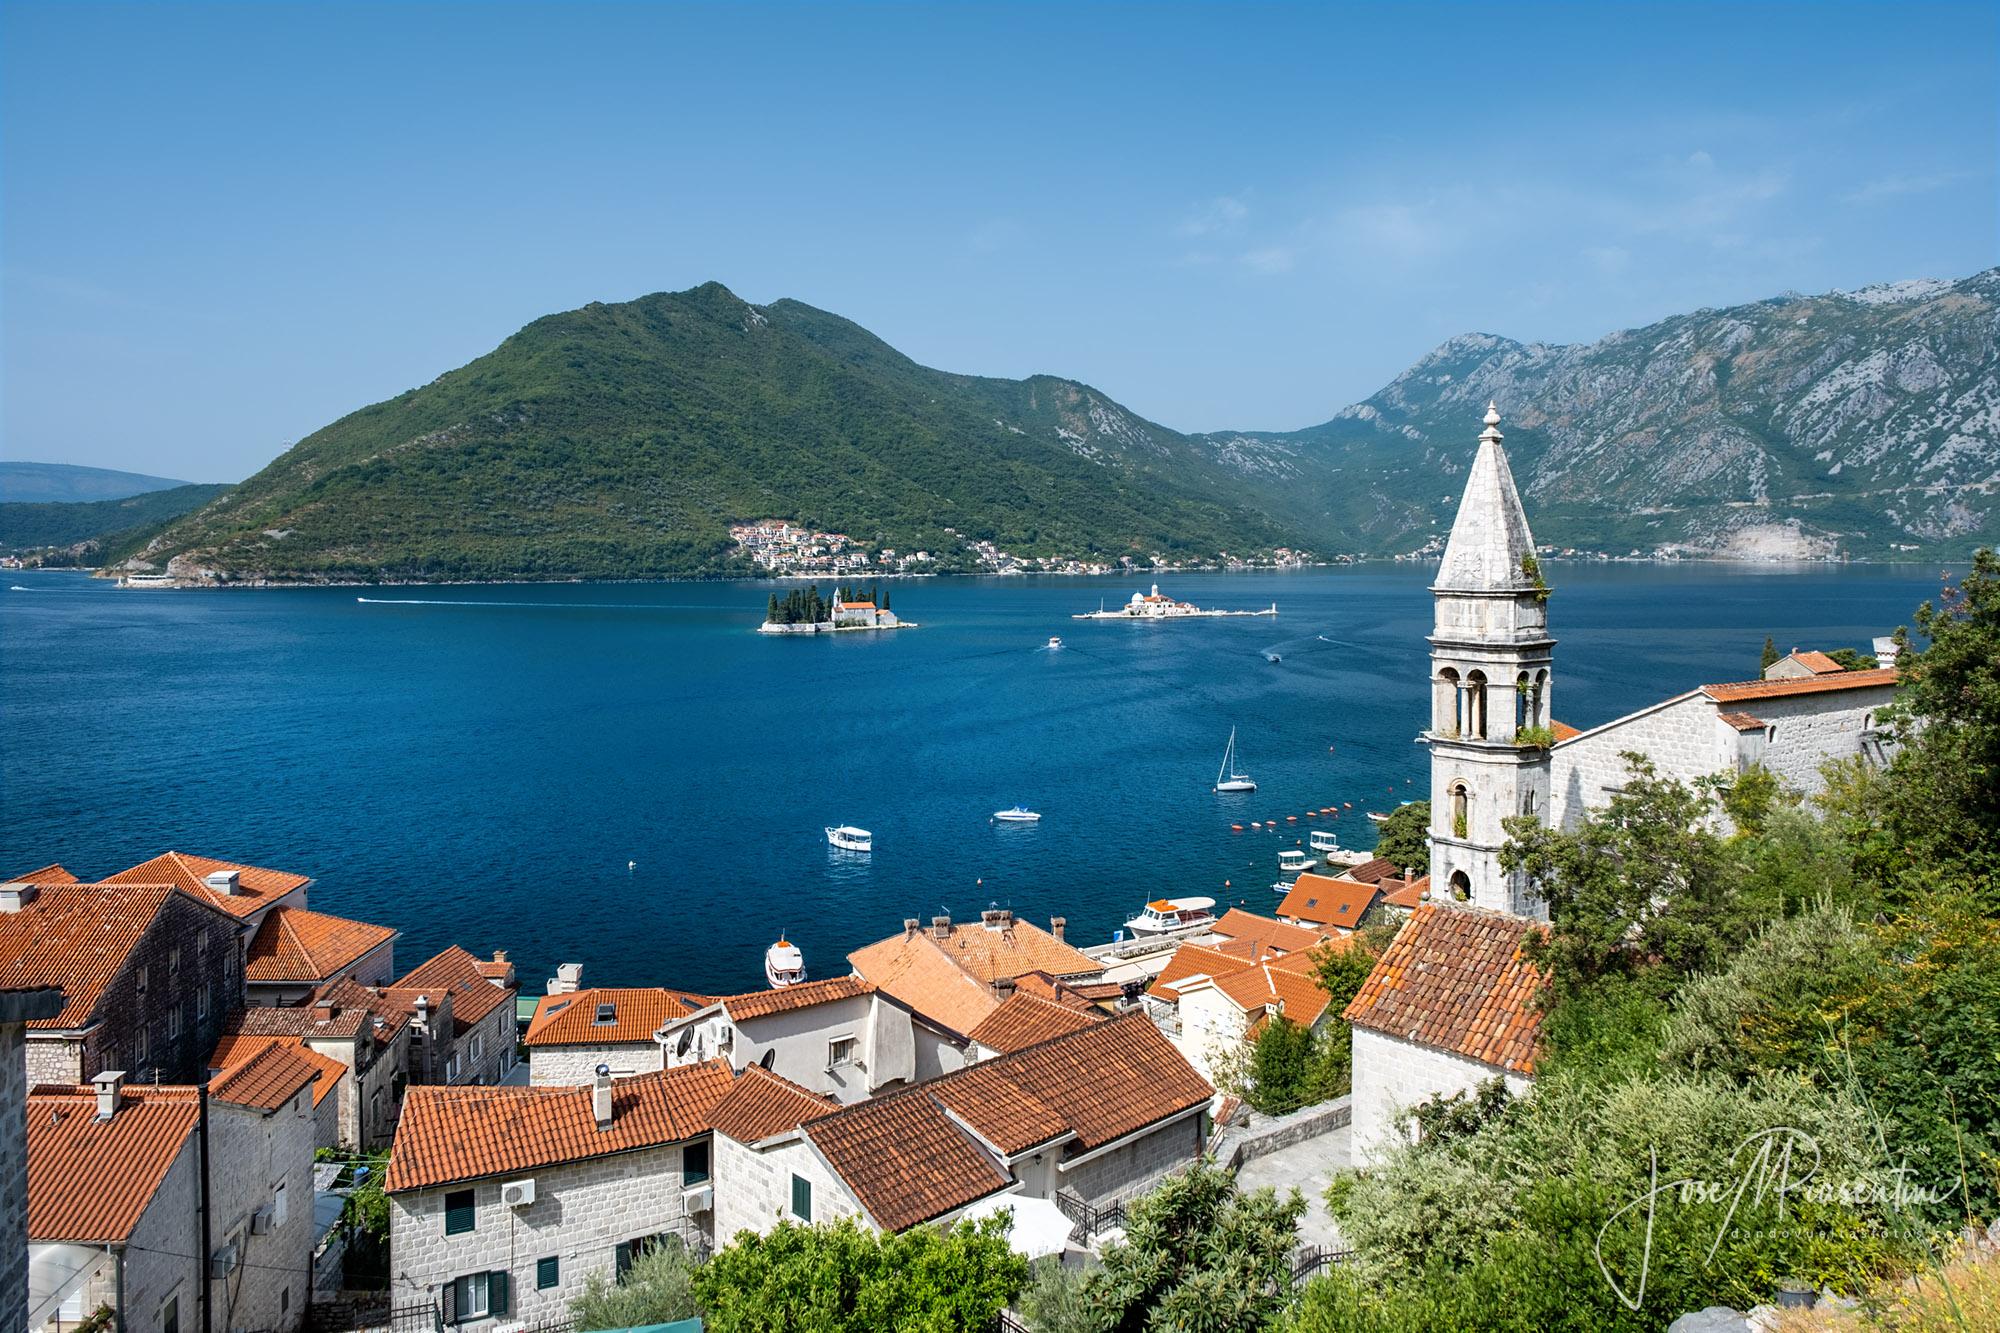 La bahía de Kotor en Montenegro vantrip